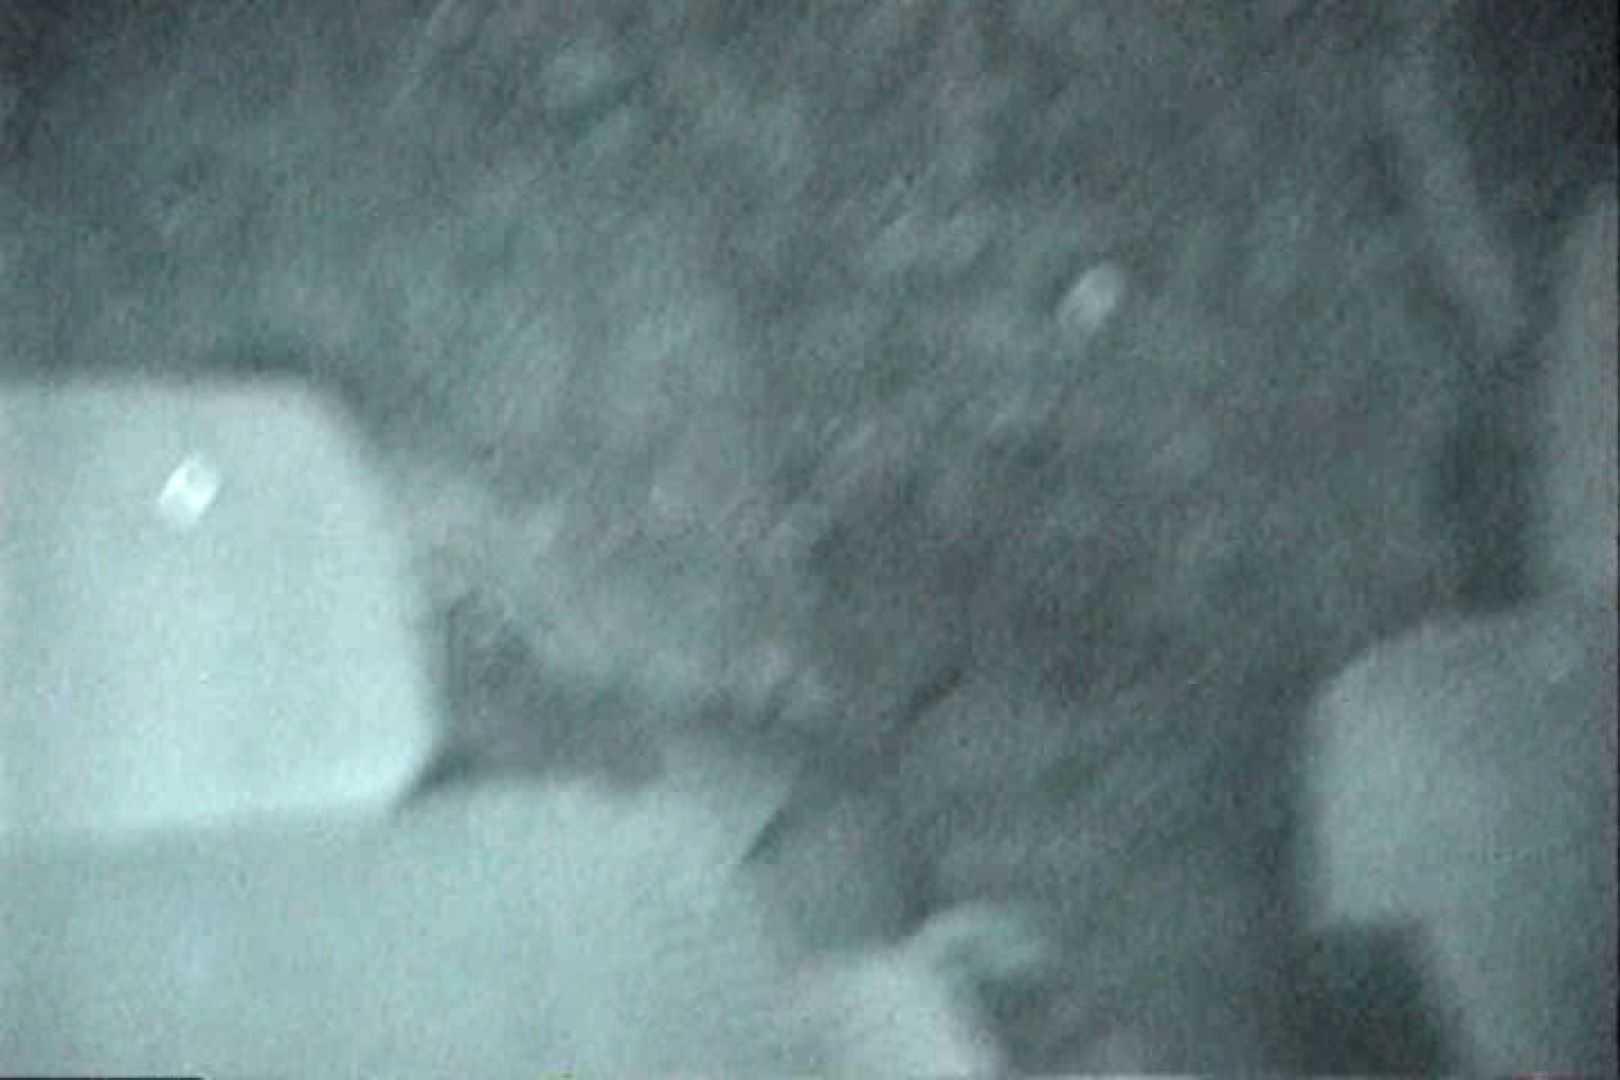 充血監督の深夜の運動会Vol.143 おまんこ おまんこ動画流出 76pic 54